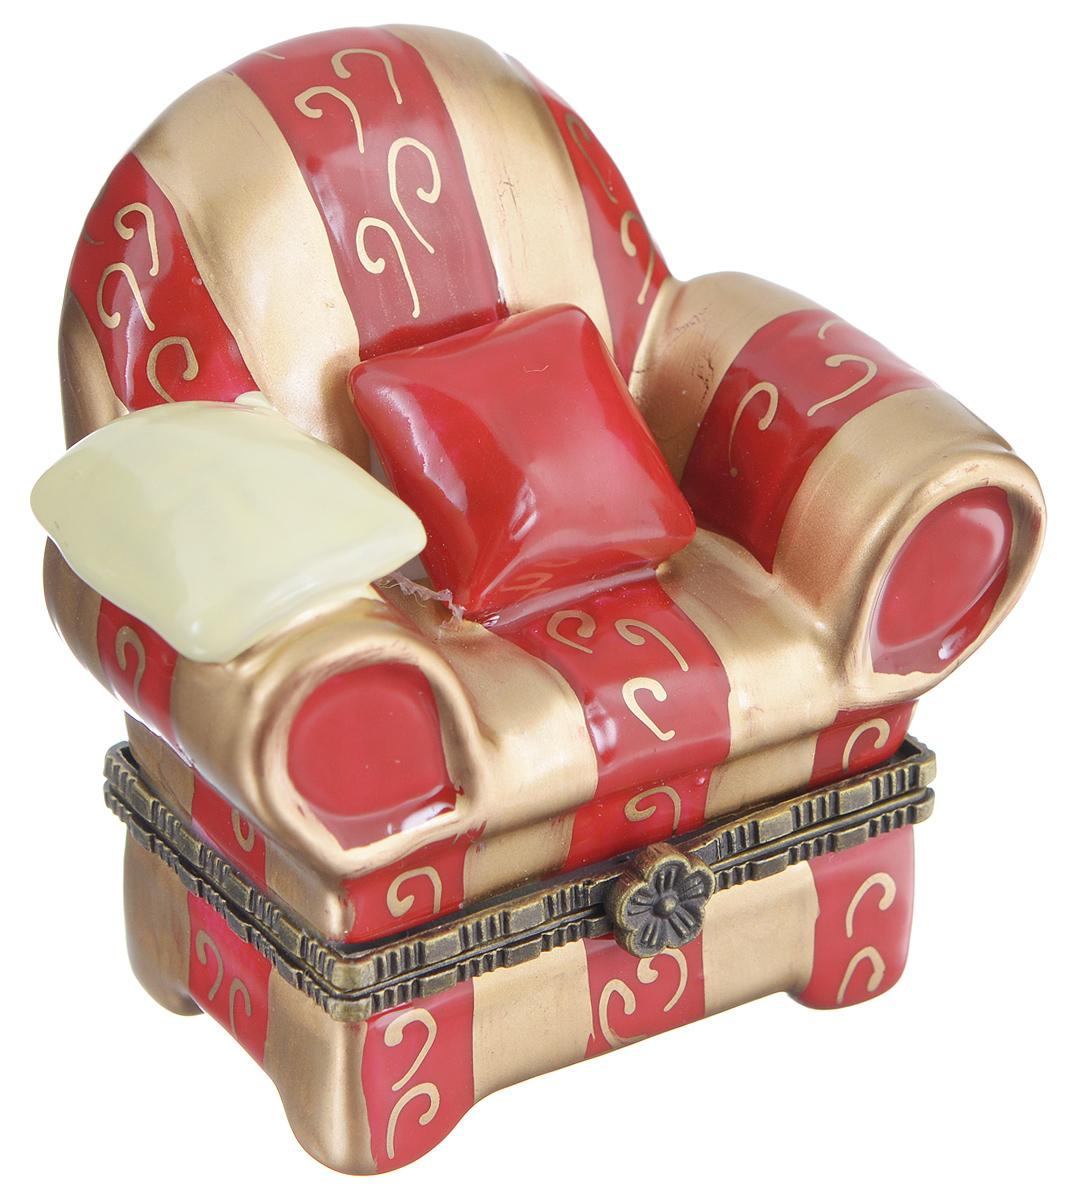 Шкатулка сувенирная Elan Gallery Кресло, 6,5 х 5 х 6 см350002Сувенирная шкатулка Elan Gallery Кресло выполнена из фарфора. Она не оставит равнодушной ни одну любительницу изысканных вещей. Изделие оформлено в виде кресла. Такая оригинальная шкатулка может использоваться для хранения бижутерии, в качестве украшения интерьера, а также послужит хорошим подарком для родных и близких.